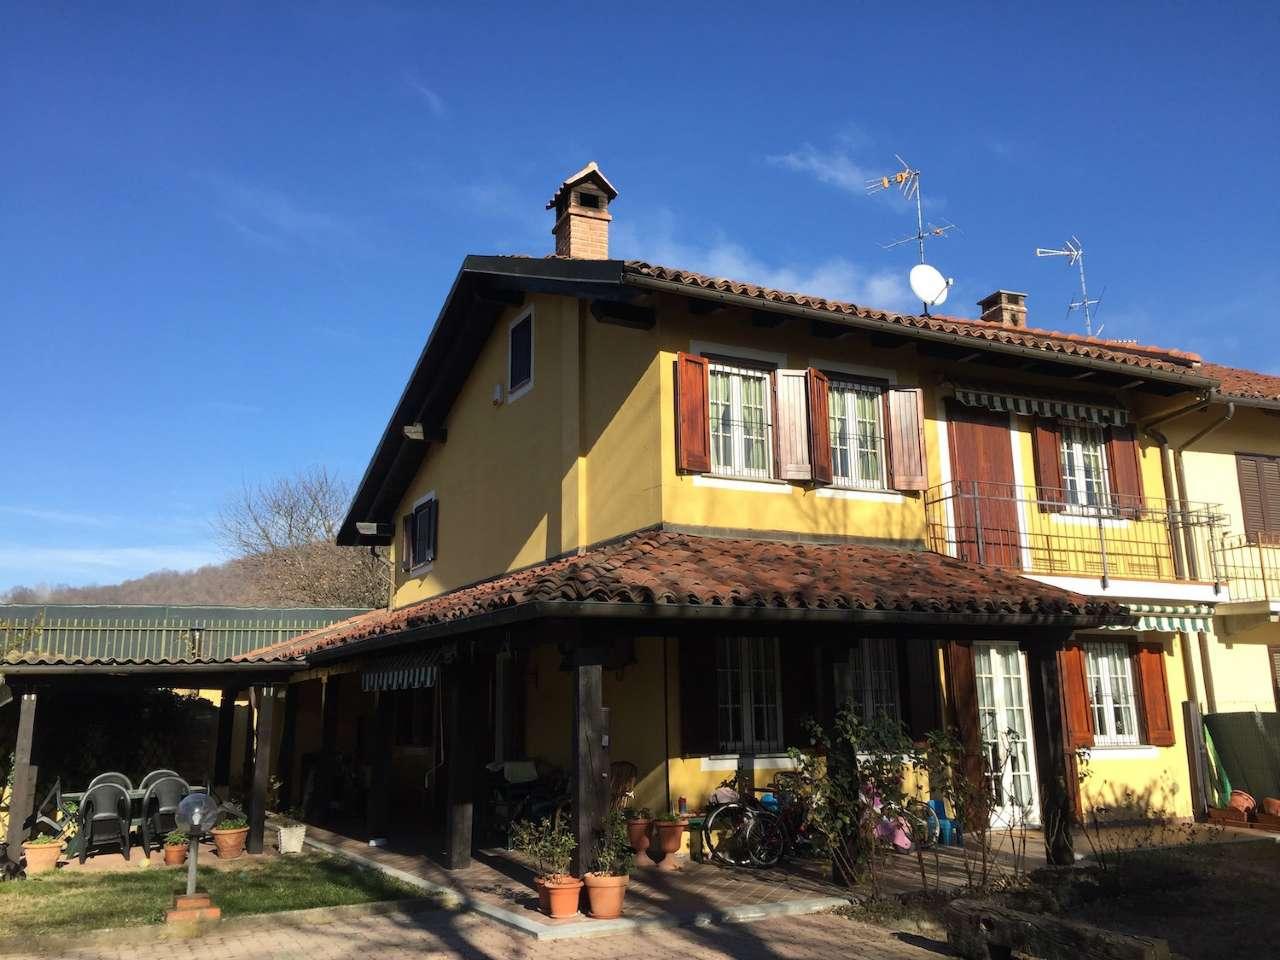 Rustico / Casale in vendita a Pecetto Torinese, 5 locali, prezzo € 390.000 | PortaleAgenzieImmobiliari.it